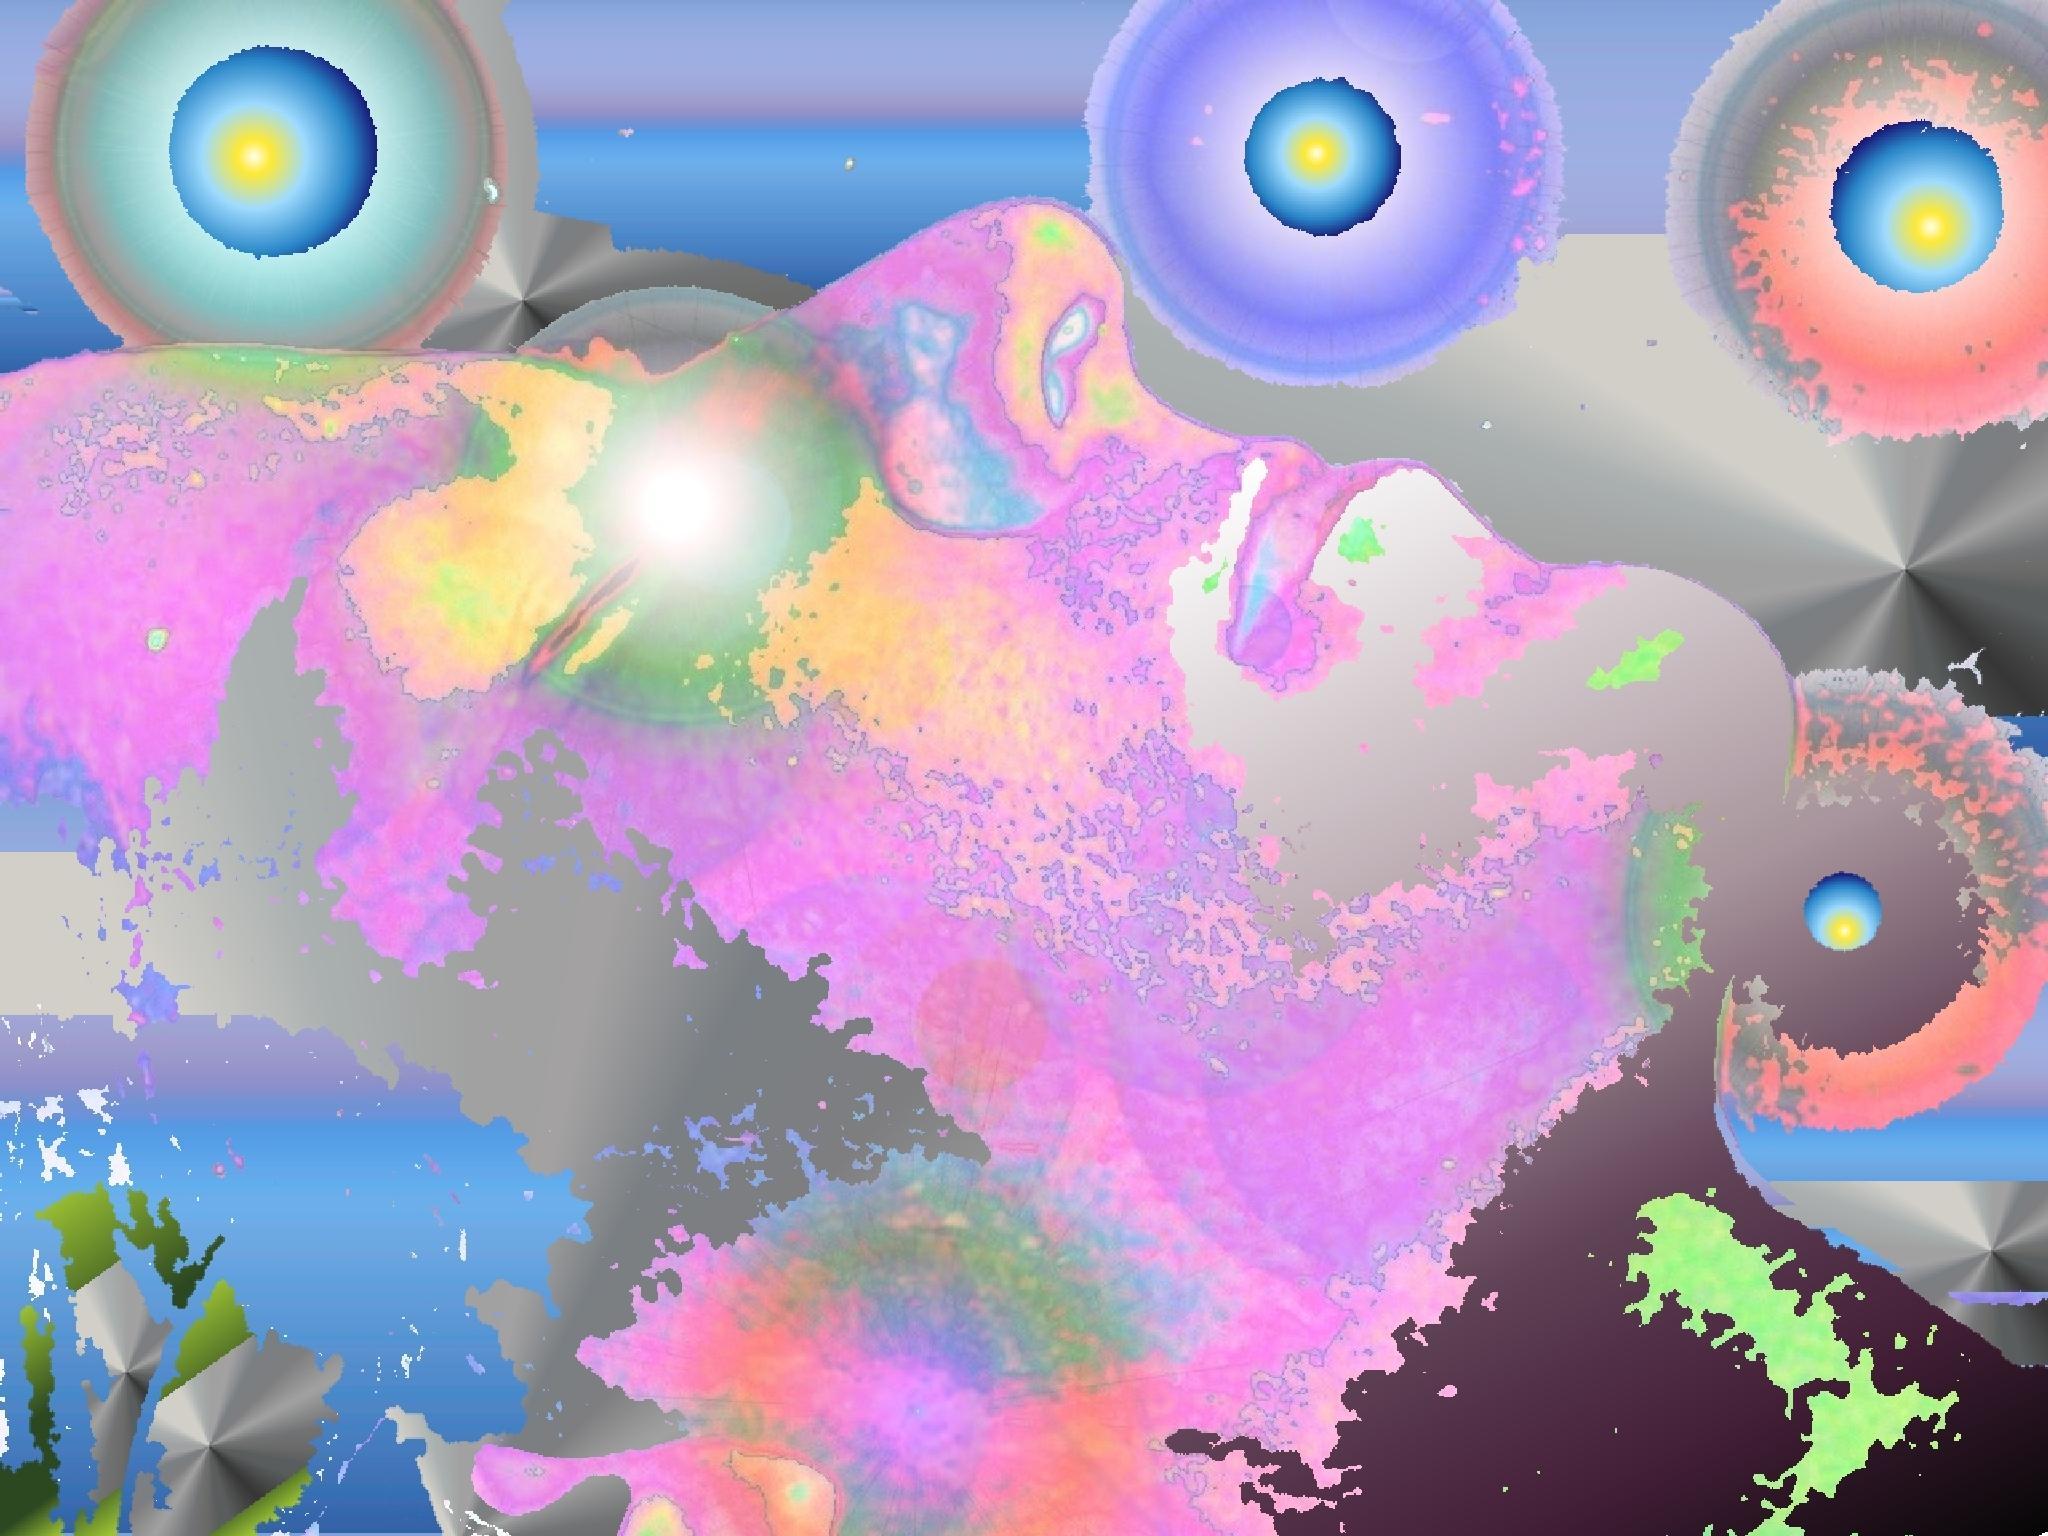 dreams by pgavin5000